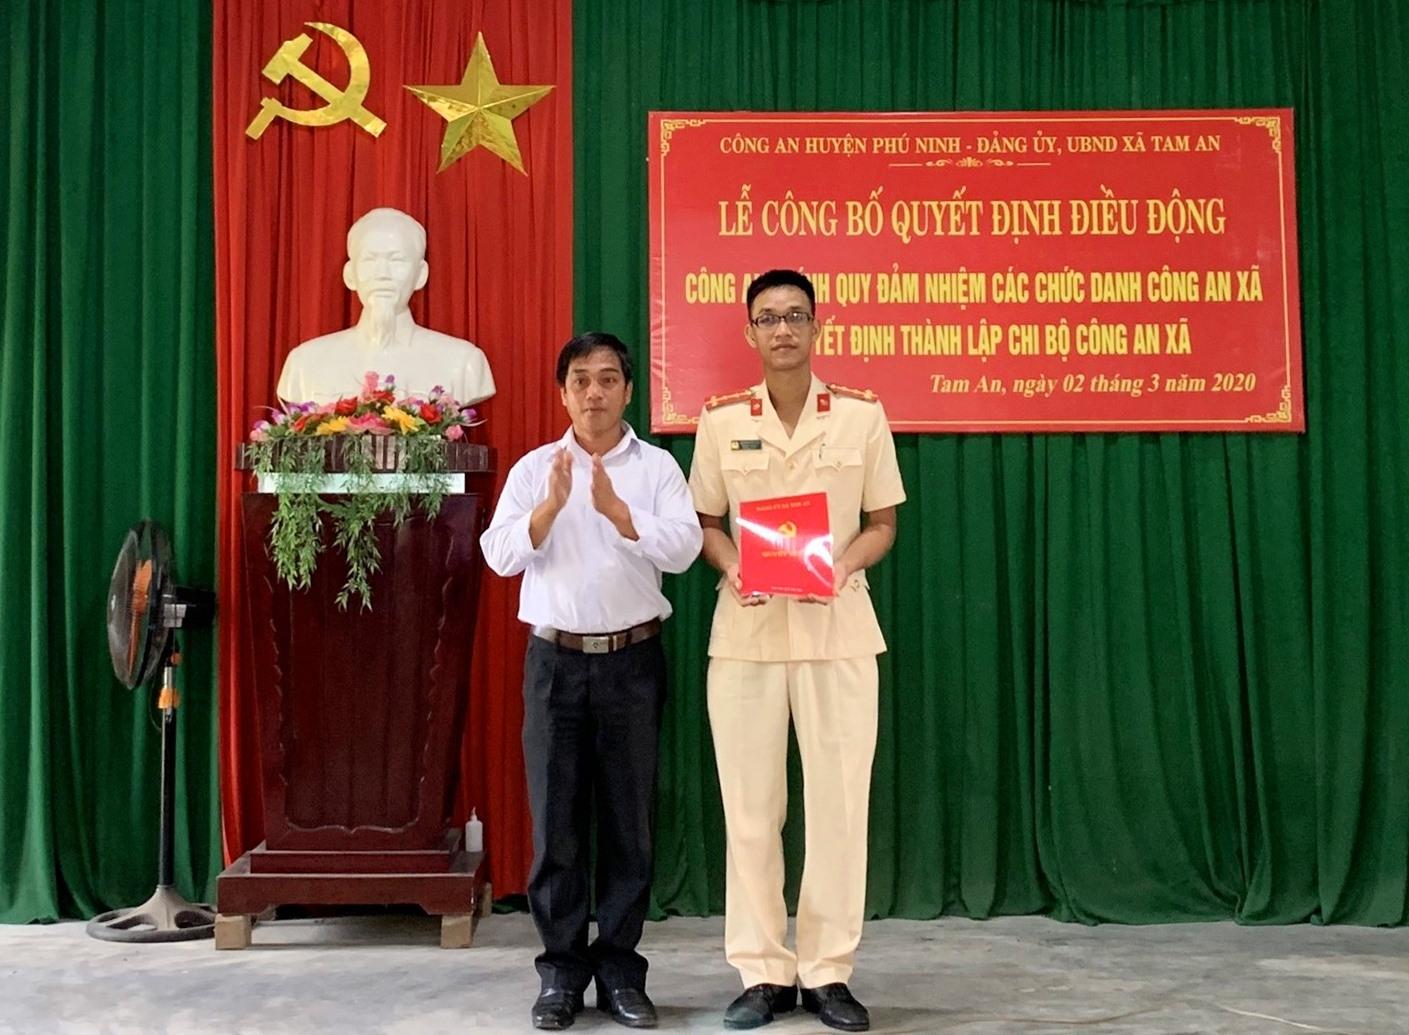 Đảng ủy xã Tam An trao quyết định thành lập Chi bộ Công an xã. Ảnh: PHAN VINH